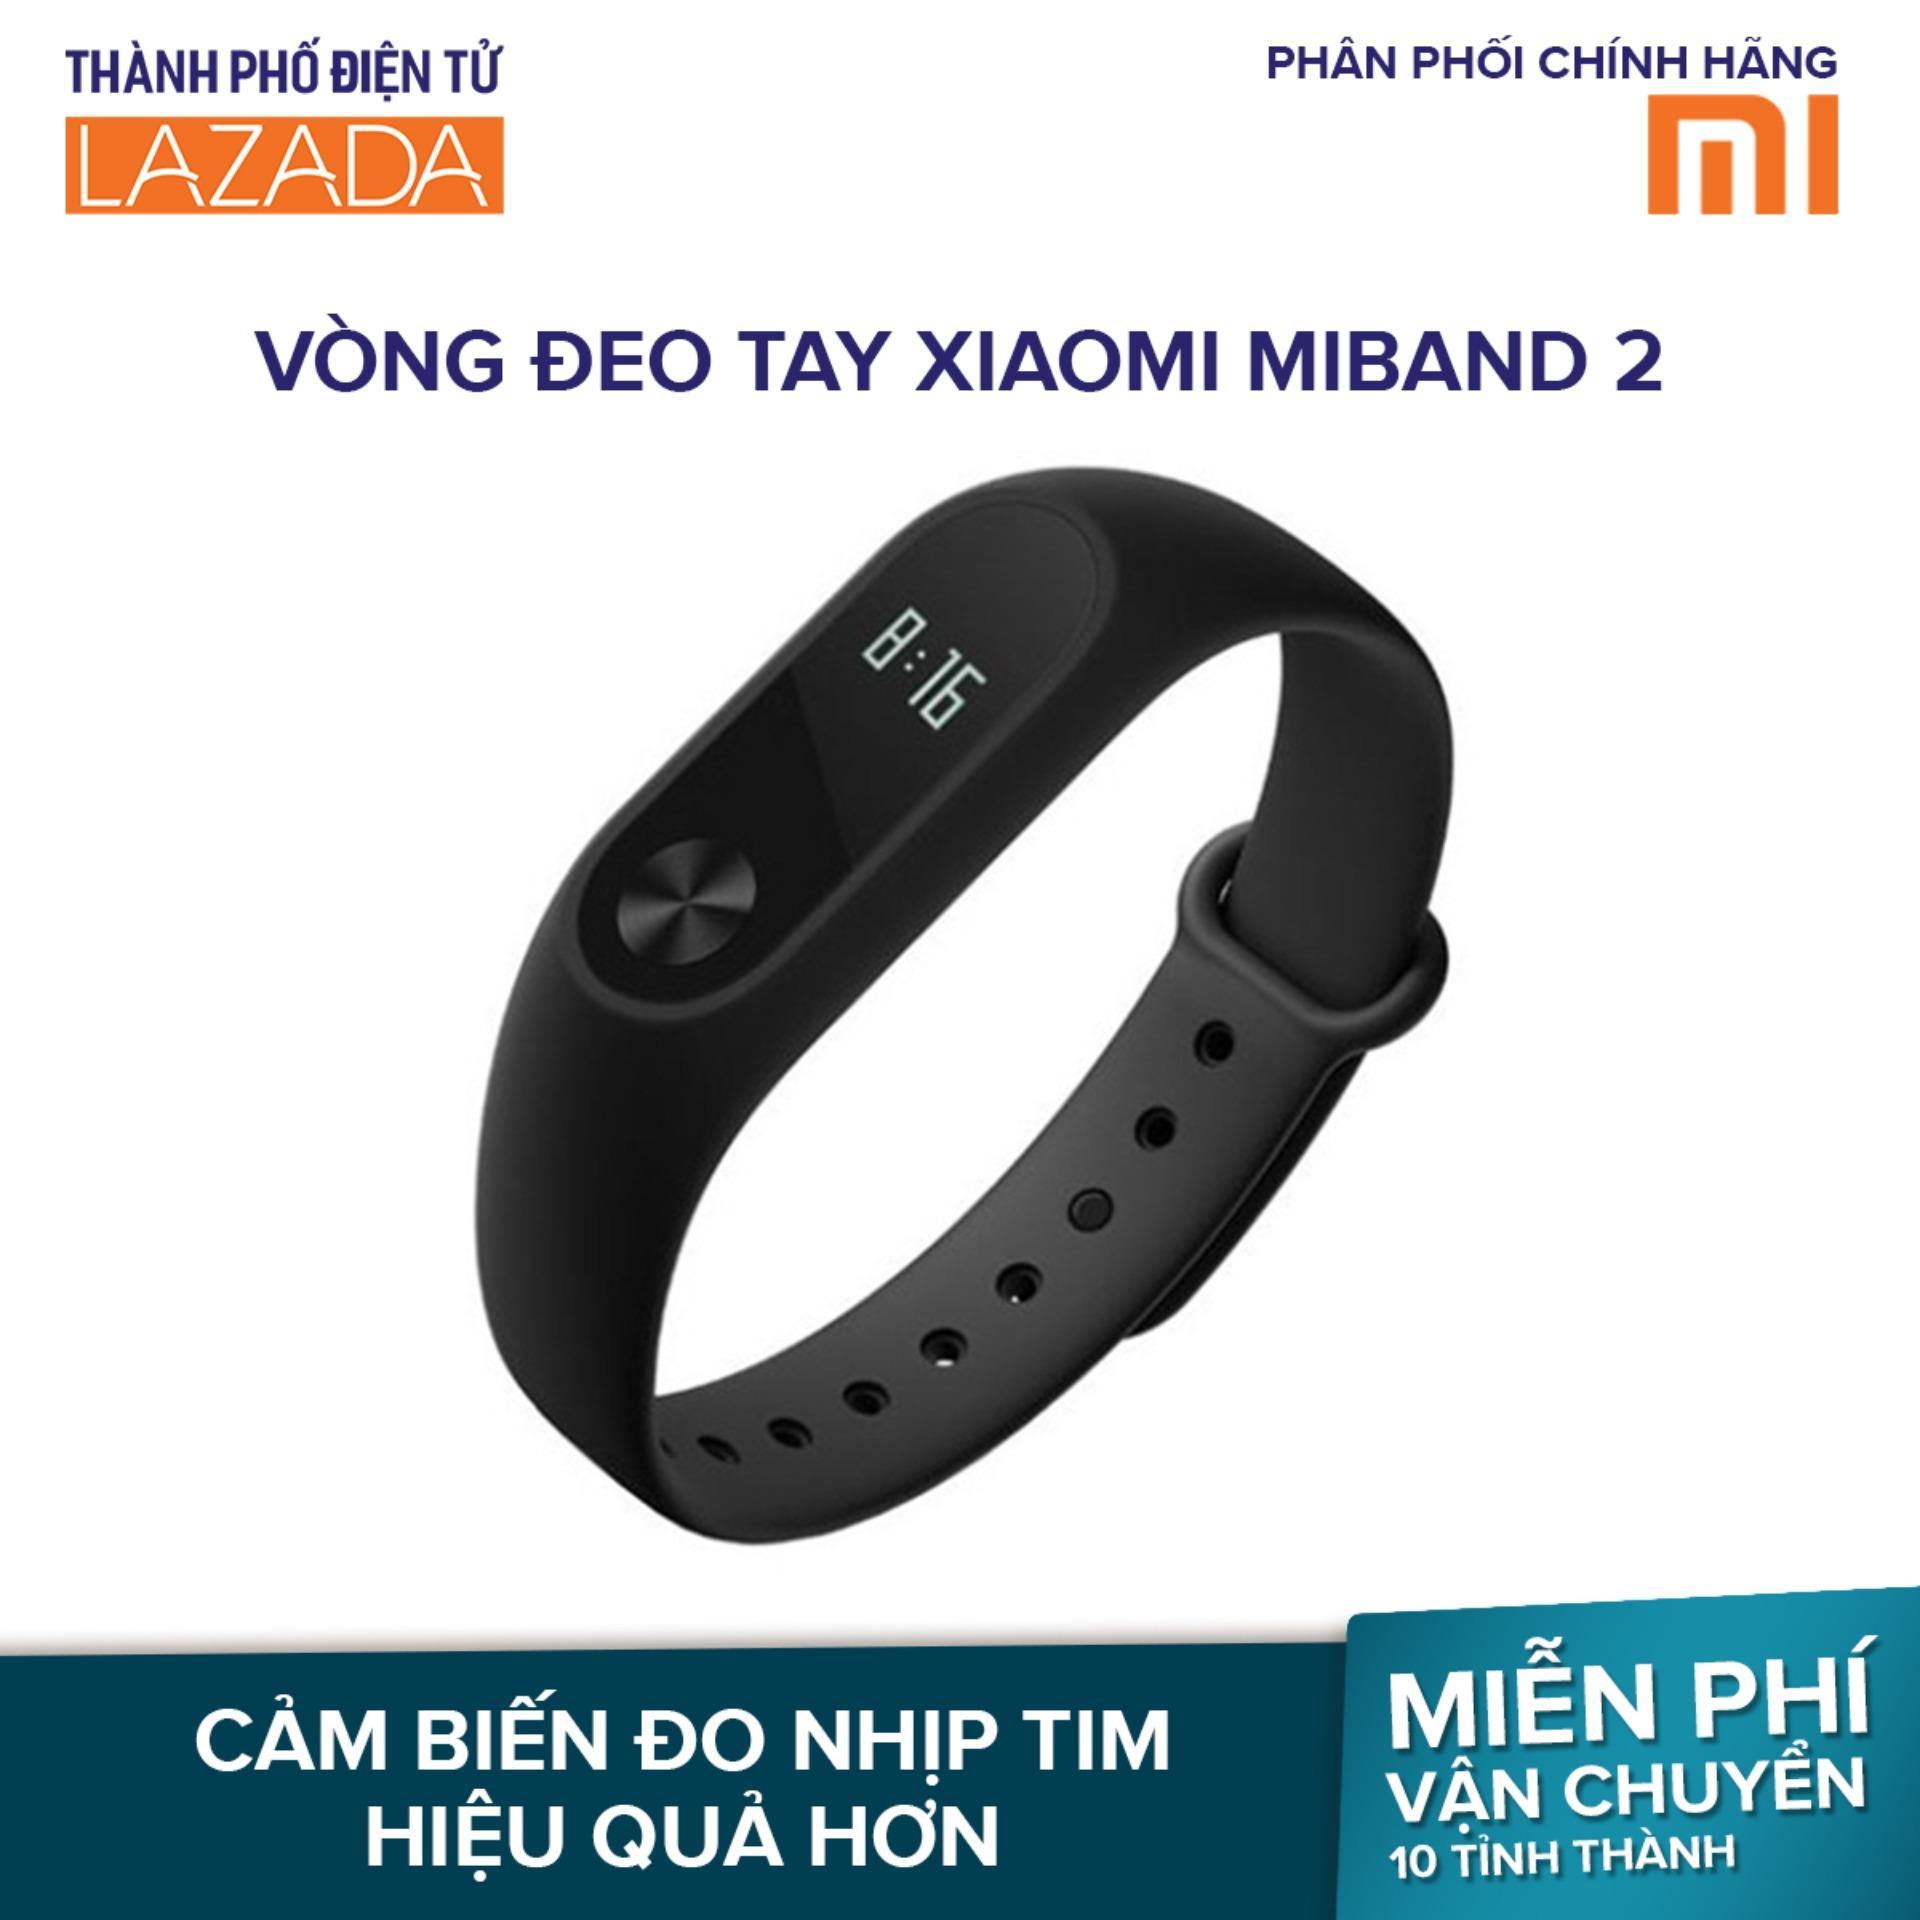 Vòng đeo tay Xiaomi Miband 2 (Đen) - Hãng phân phối chính thức. #giảm giá 16%